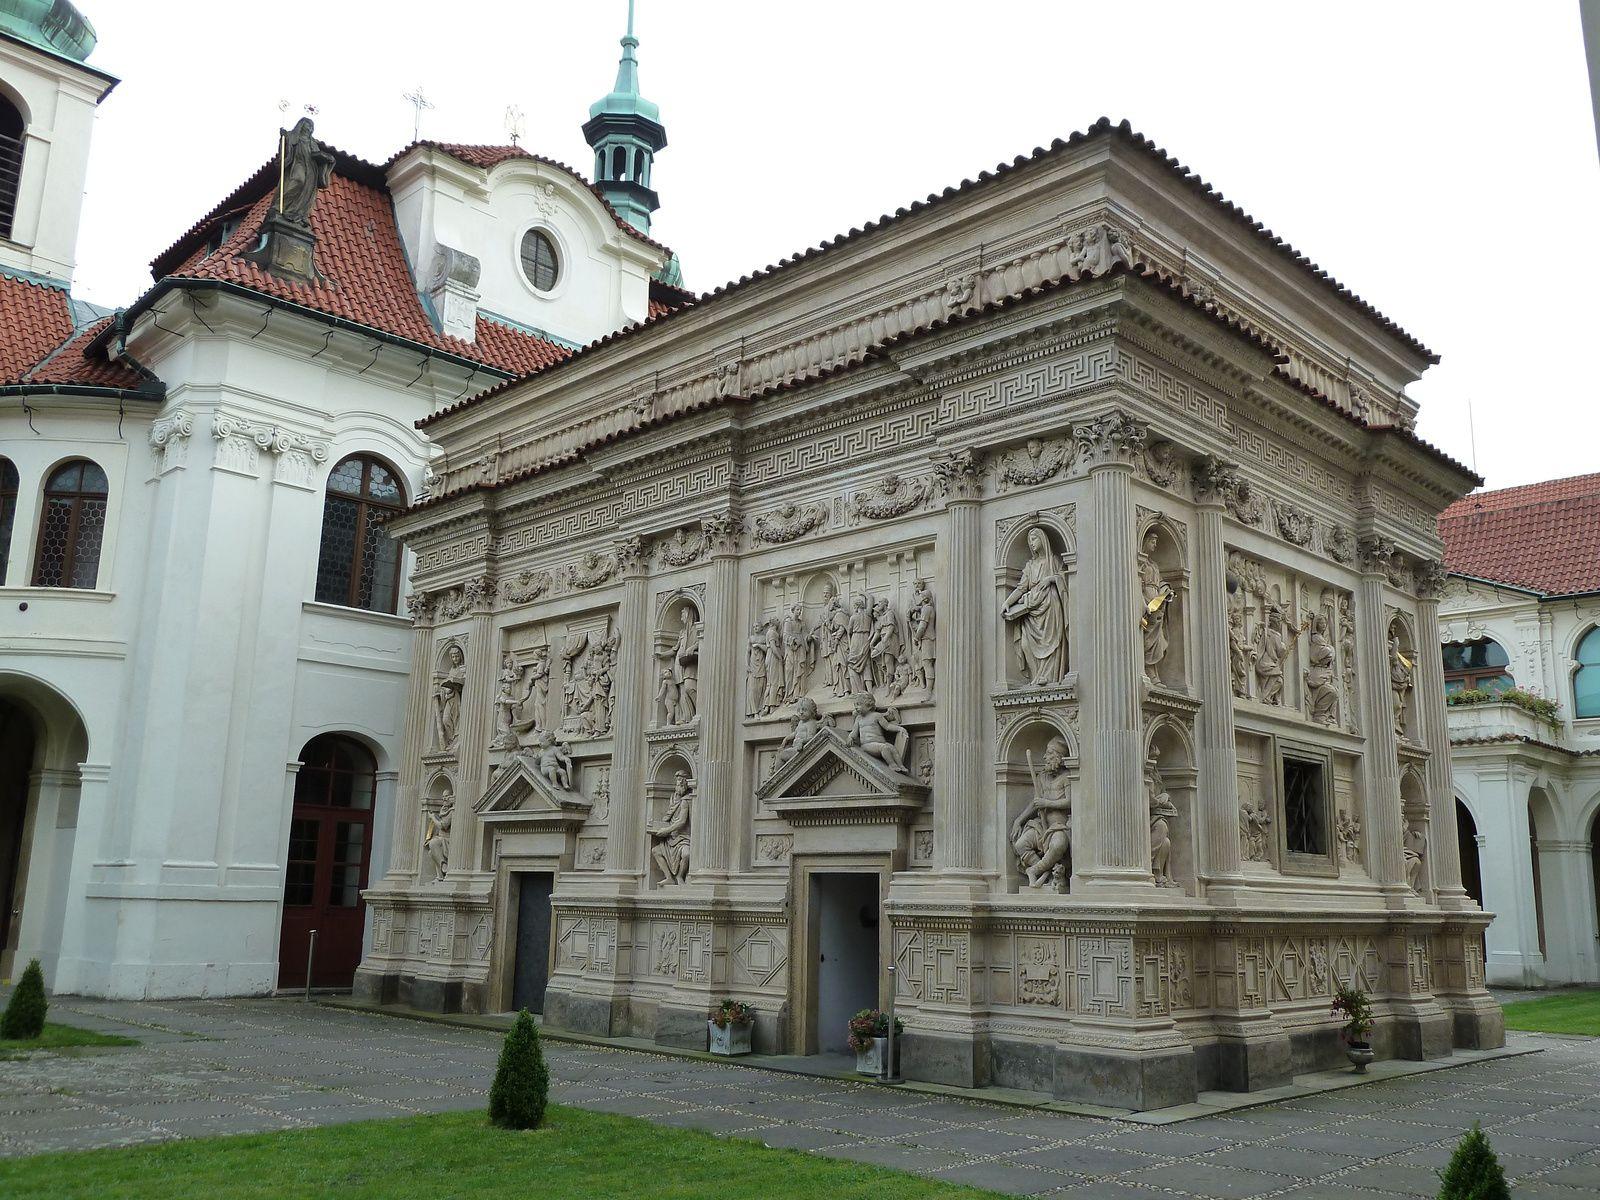 Comme dans le modèle italien, la Santa Casa de Prague offre un contraste frappant entre un intérieur très modeste en brique, et une décoration extérieur luxueuse, avec des bas-reliefs en stucs représentant des scènes de la vie de la Vierge.